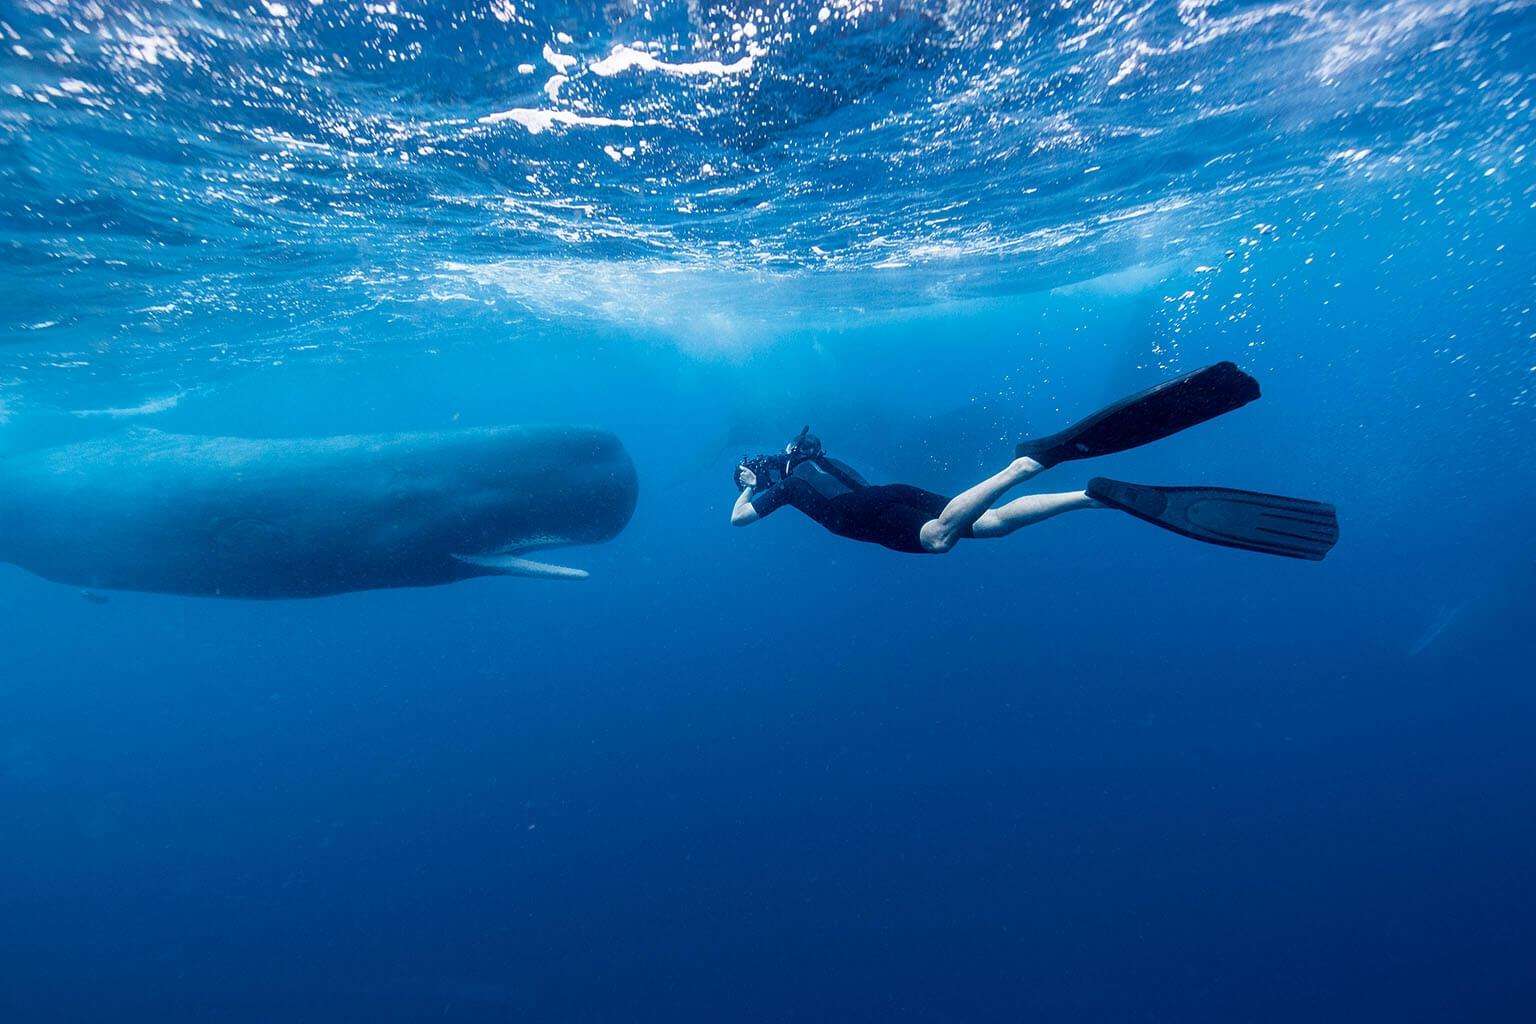 布萊恩.史蓋瑞得到難得機會,在多米尼克附近拍攝進行社交聚會的六隻抹香鯨。多米尼克抹香鯨計畫的研究人員和當地官方合作,保護研究這種鯨魚獨特的覓食與繁殖習性。 PHOTOS: STEVE DE NEEF. NGM MAPS